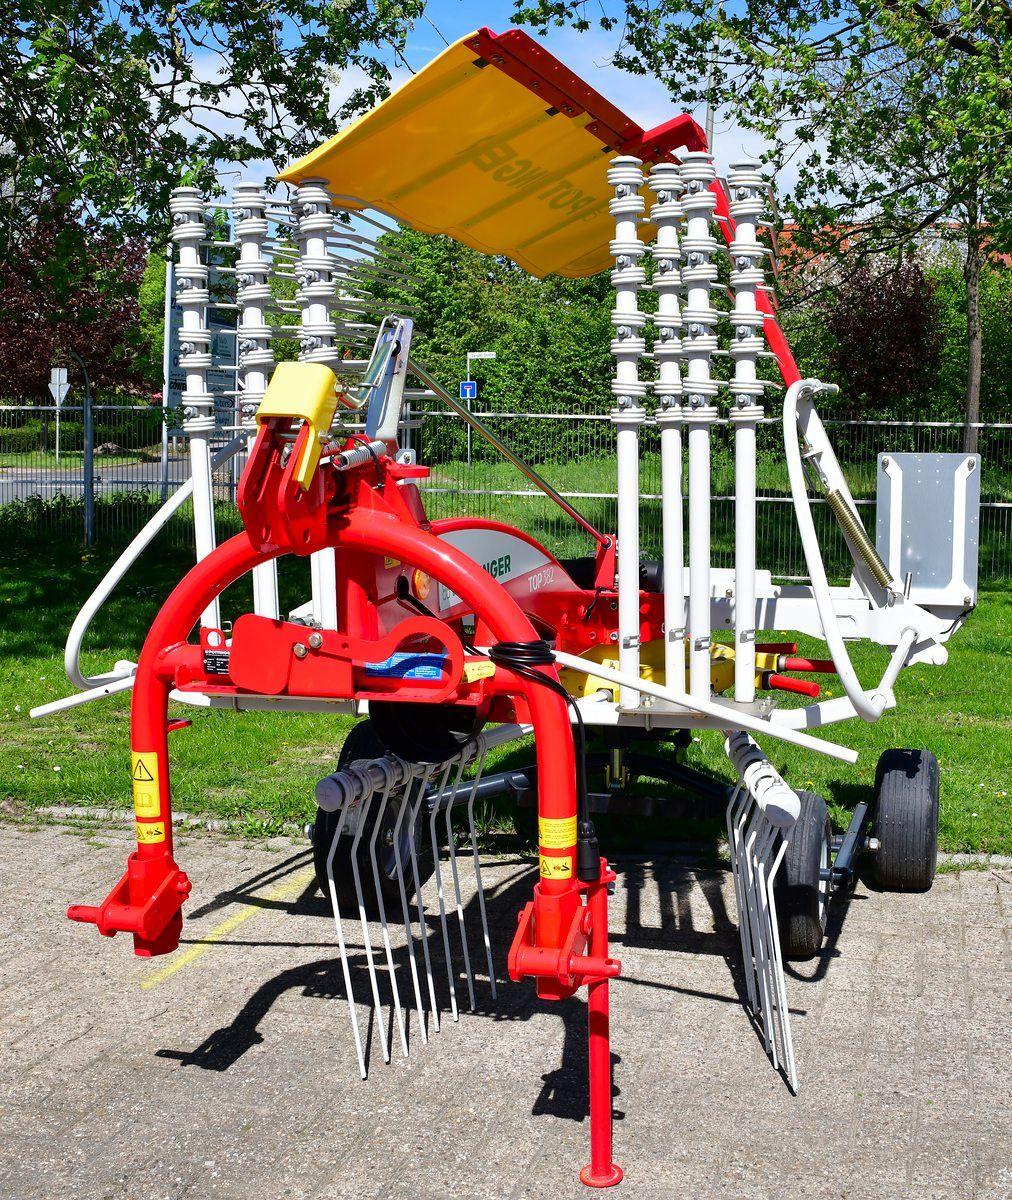 Pottinger Eurotop 382 Schwader Stegemann Landtechnik Fahrwerk Landwirtschaft